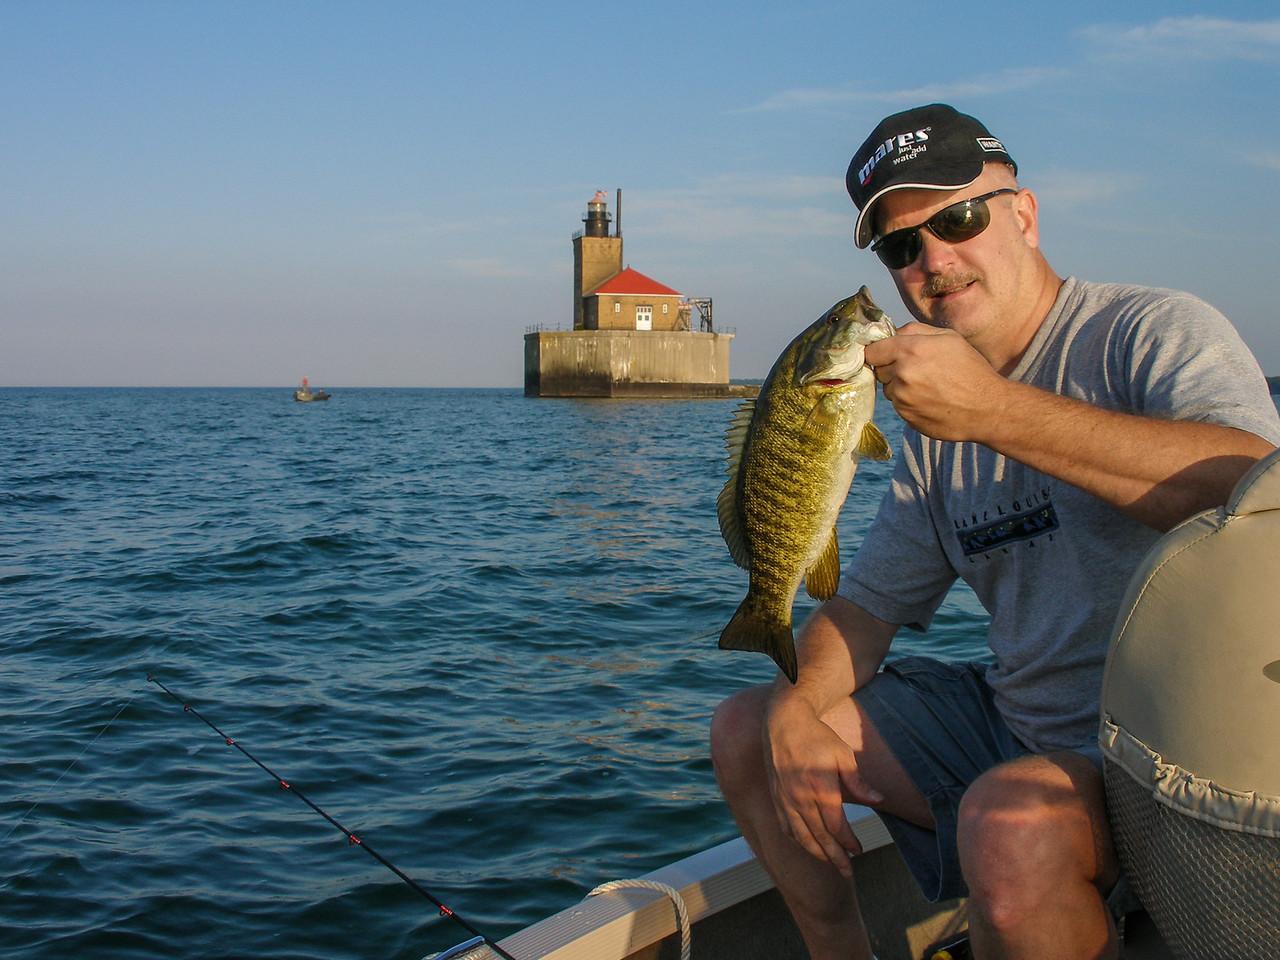 Smallmouth Bass caught near Port Austin Reef Lighthouse - September 2009